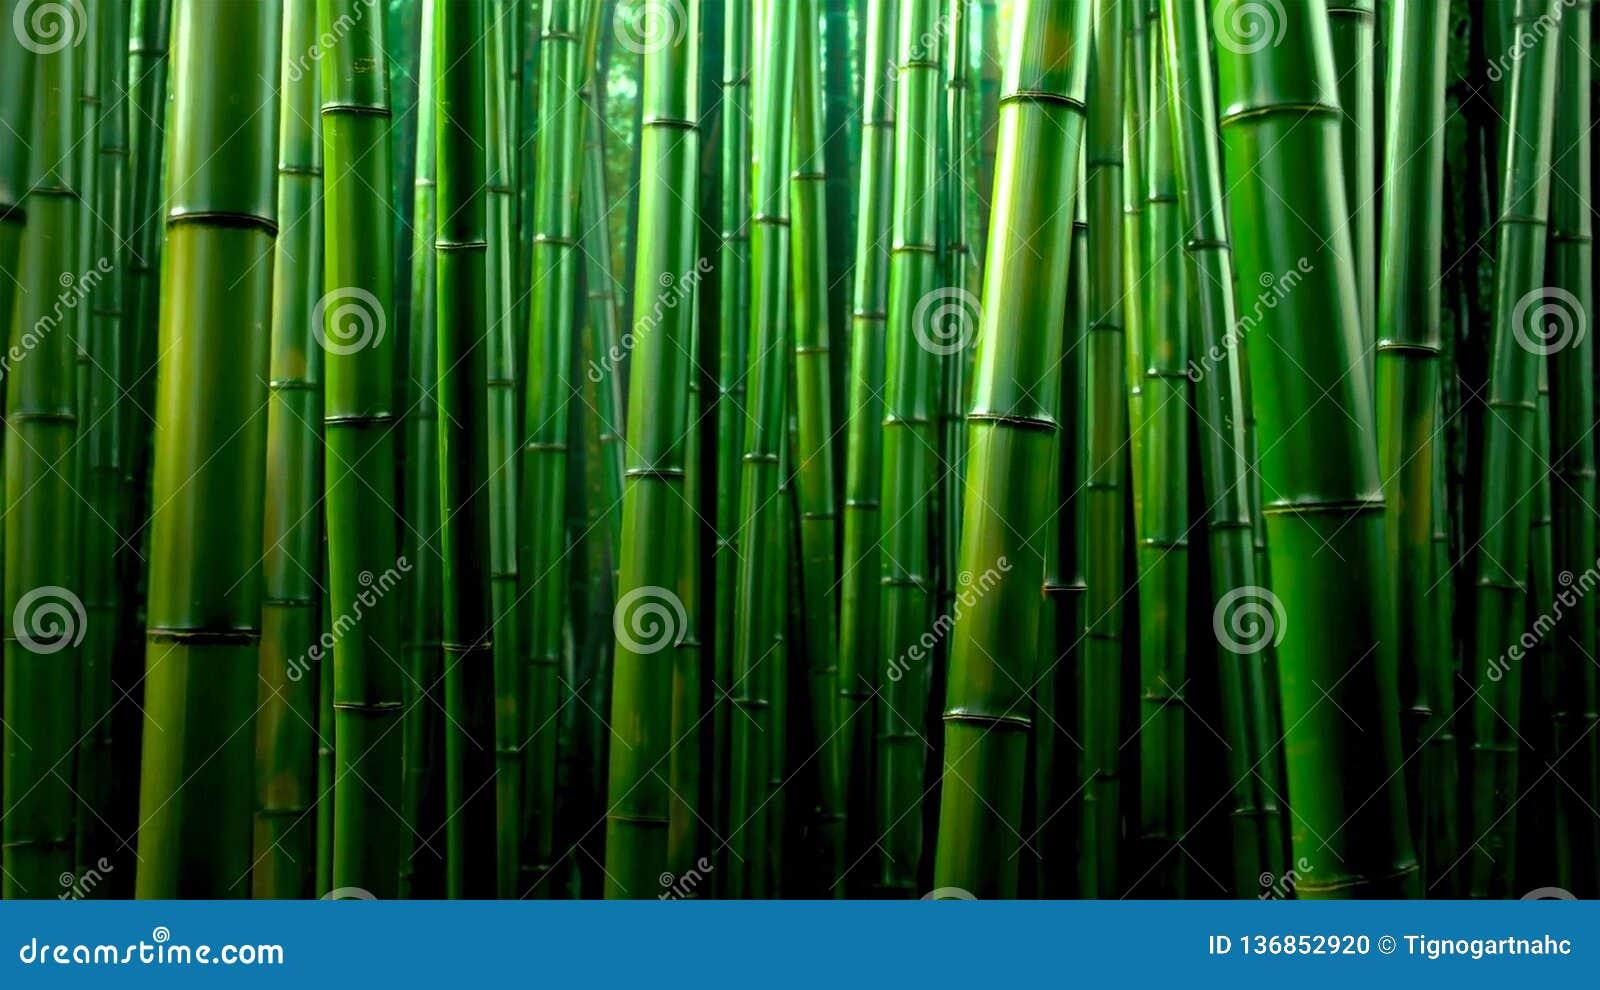 Fundo de bambu verde da textura da floresta, panorama de bambu da textura